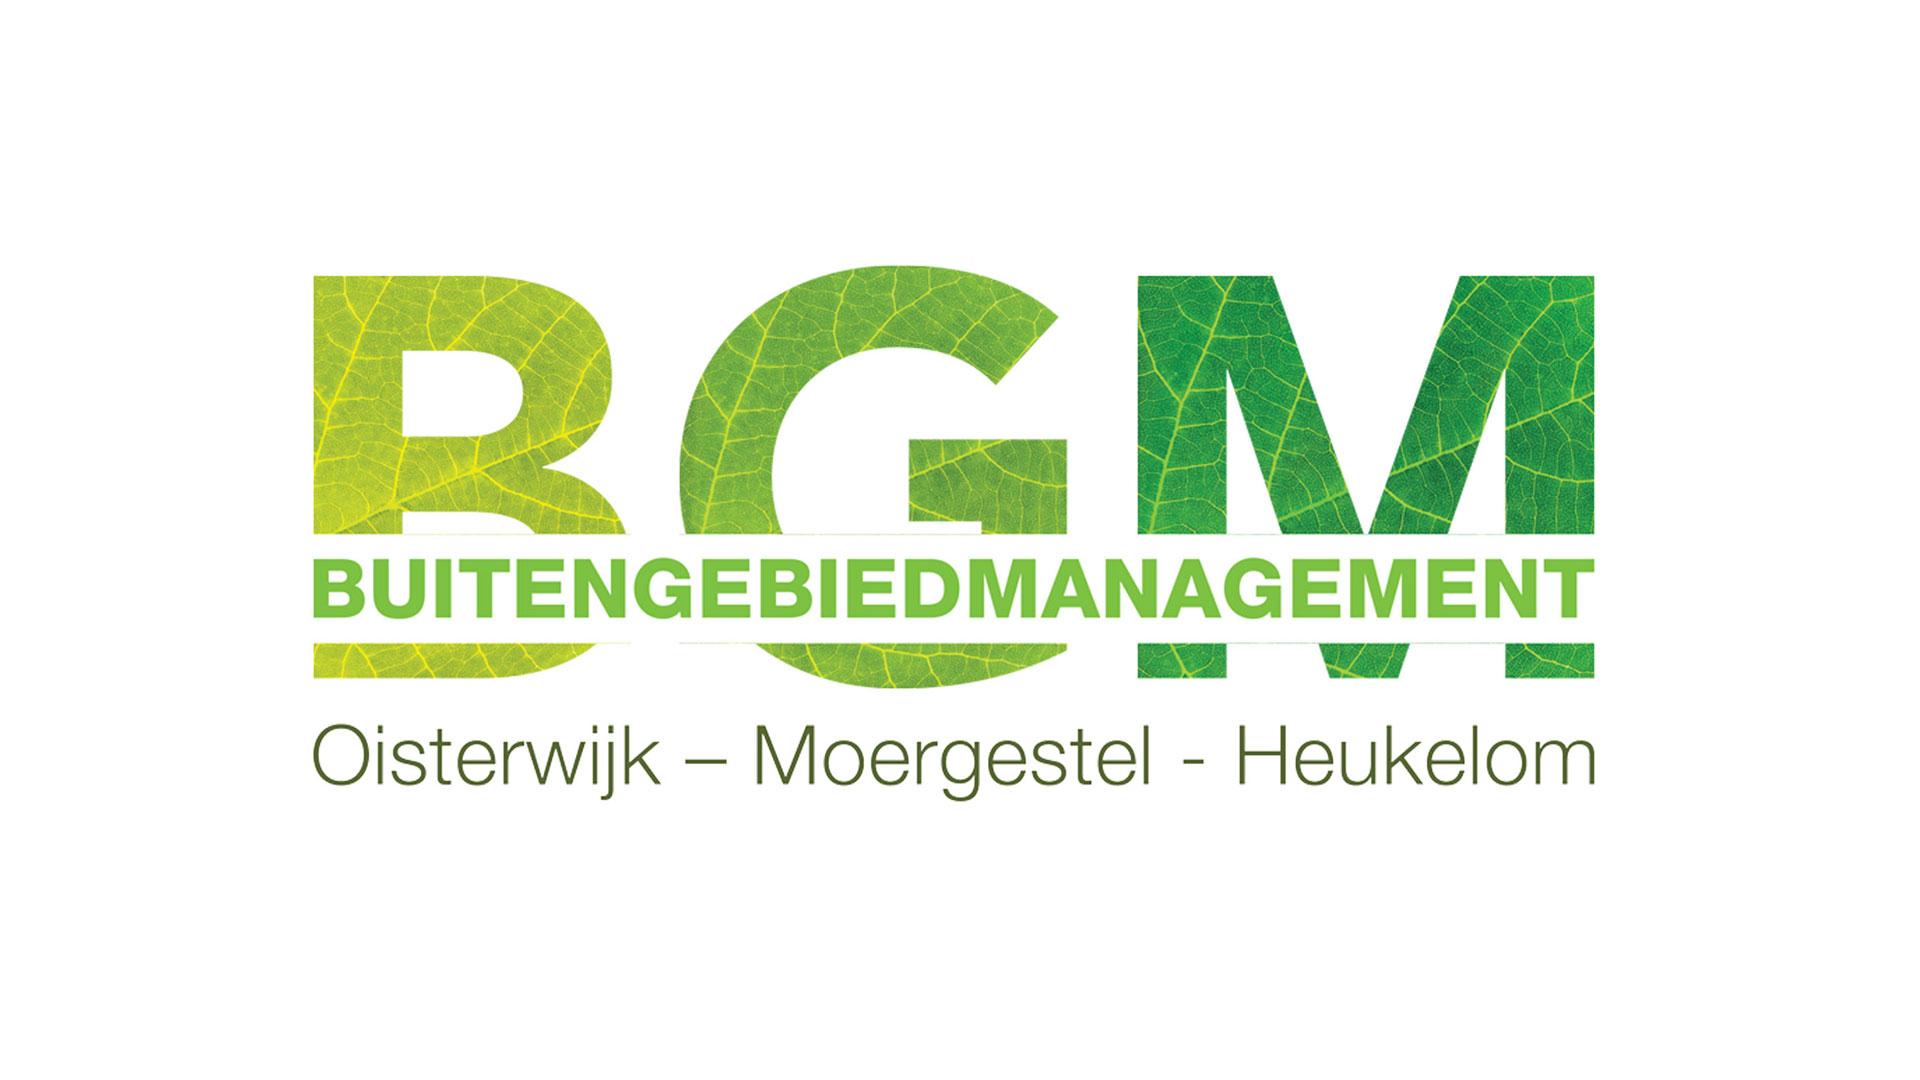 Buitengebied Management Oisterwijk Moergestel Heukelom